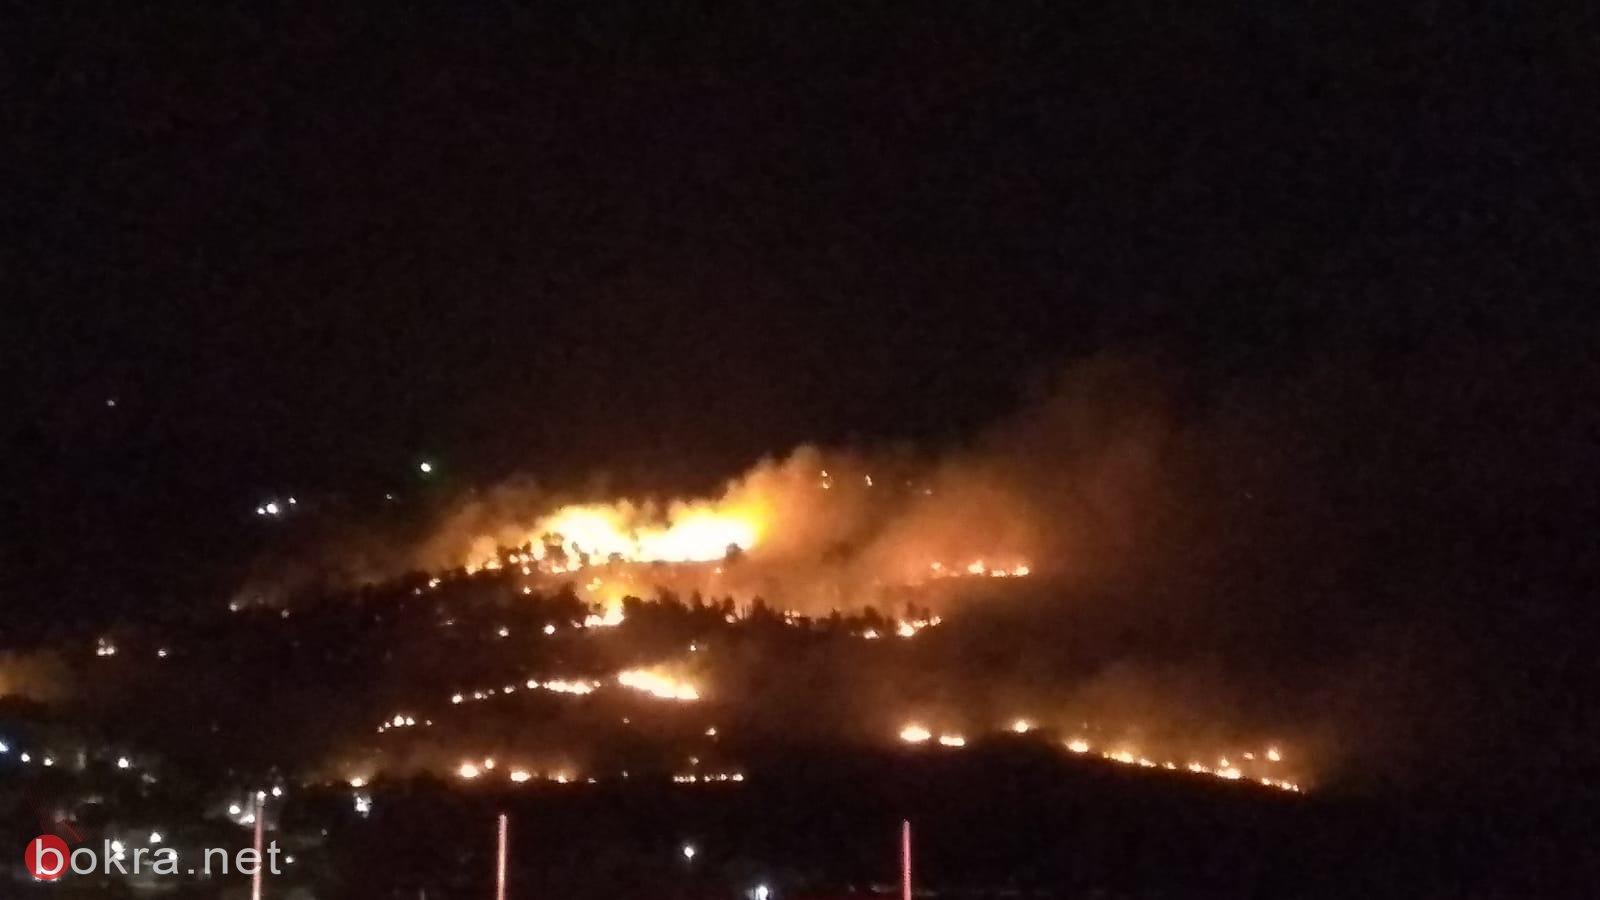 حريق هائل في الأحراش المجاورة للدحي واخلاء منازل-4